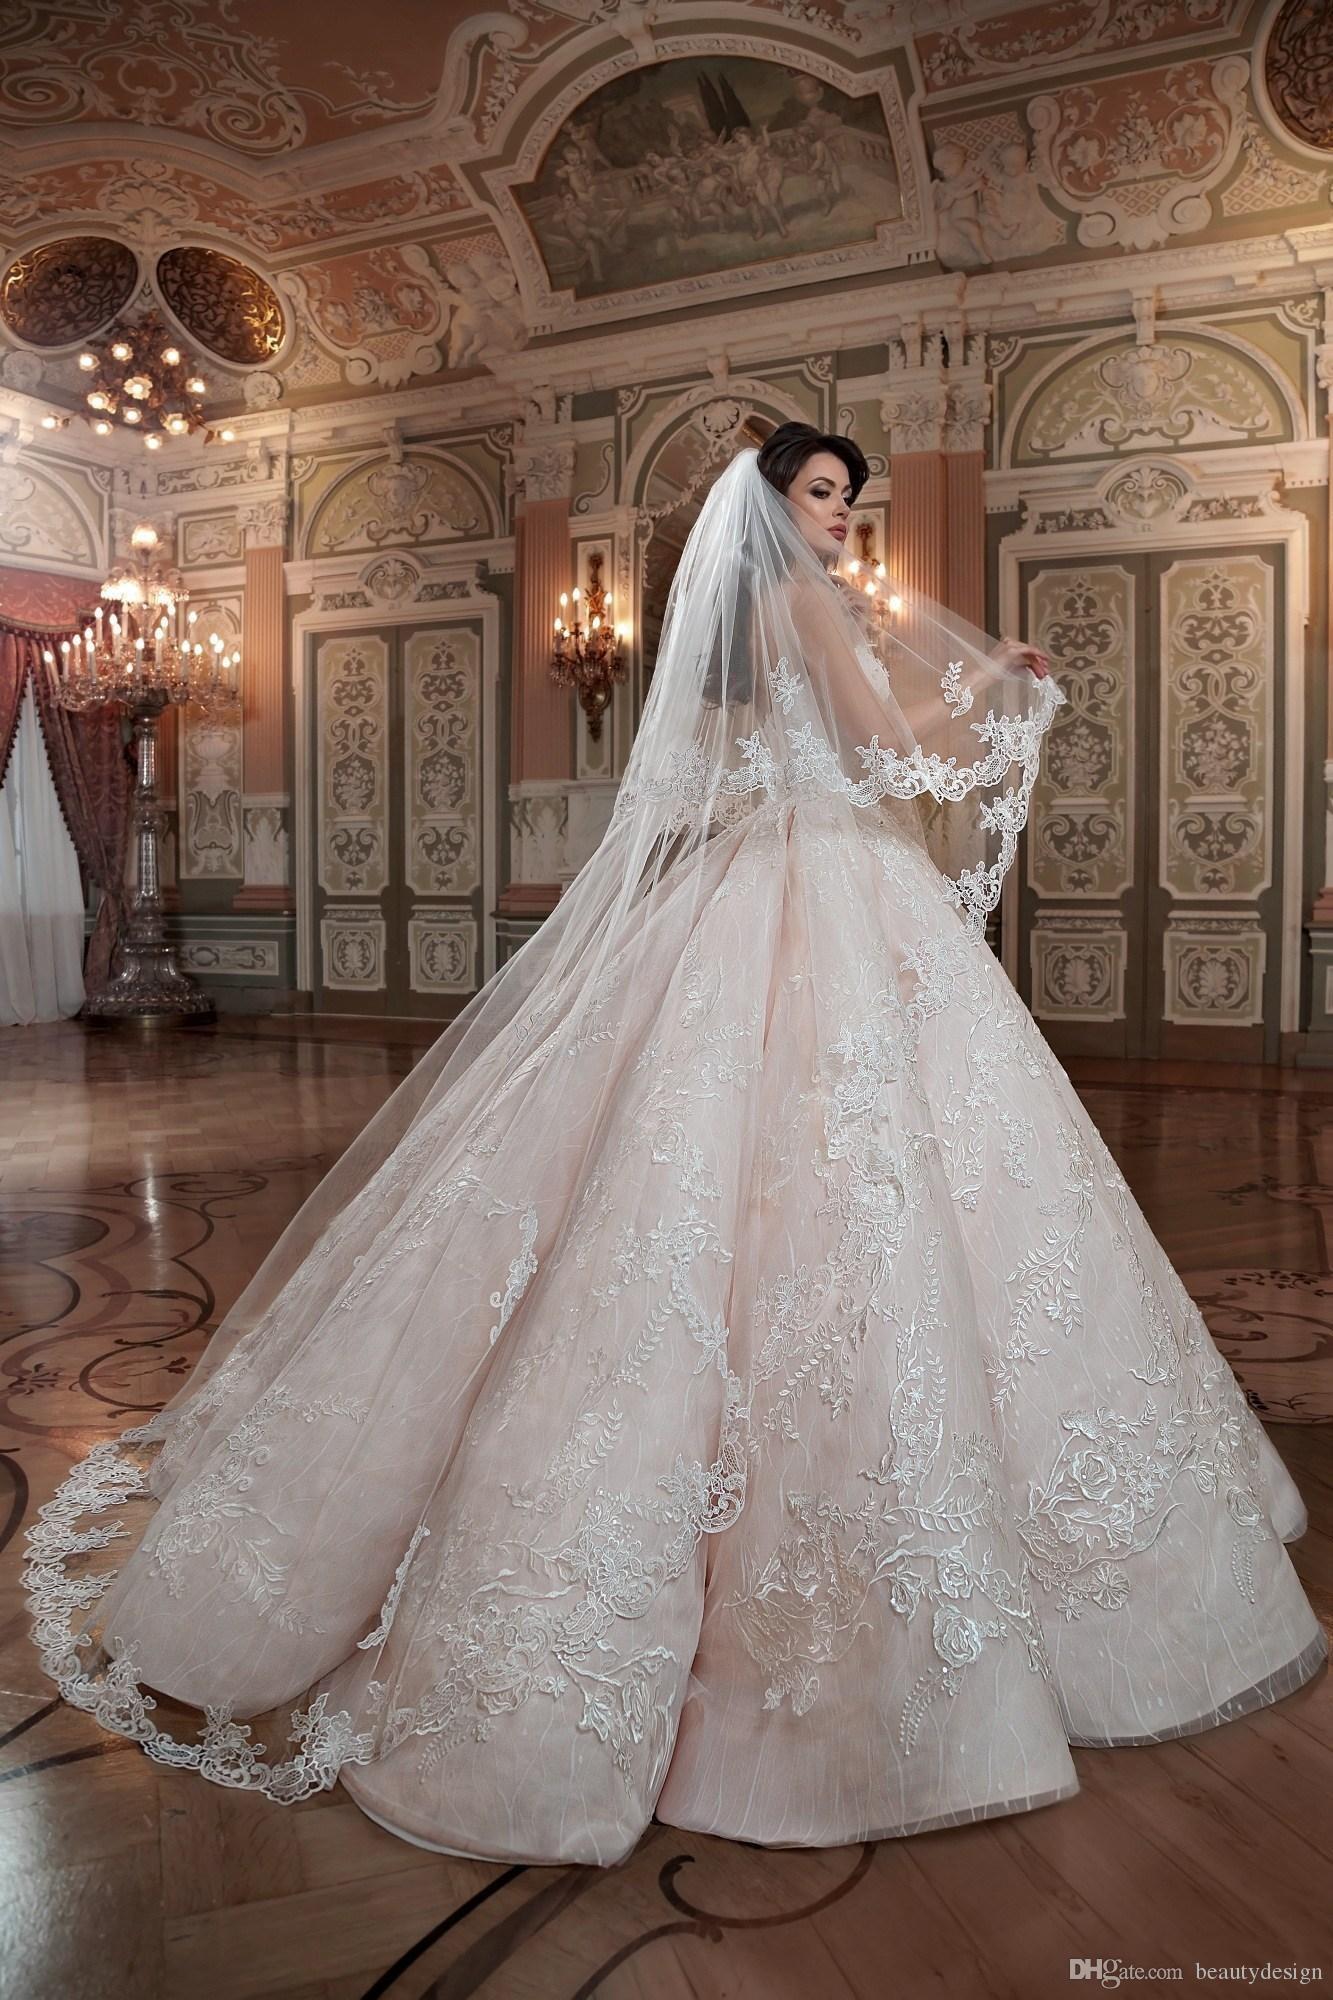 2020 Blush Roze Queen Trouwjurken Sweetheart Hard Satin Floor Lengte Lace Baljurk Custom Made Bruidsjurken - 3